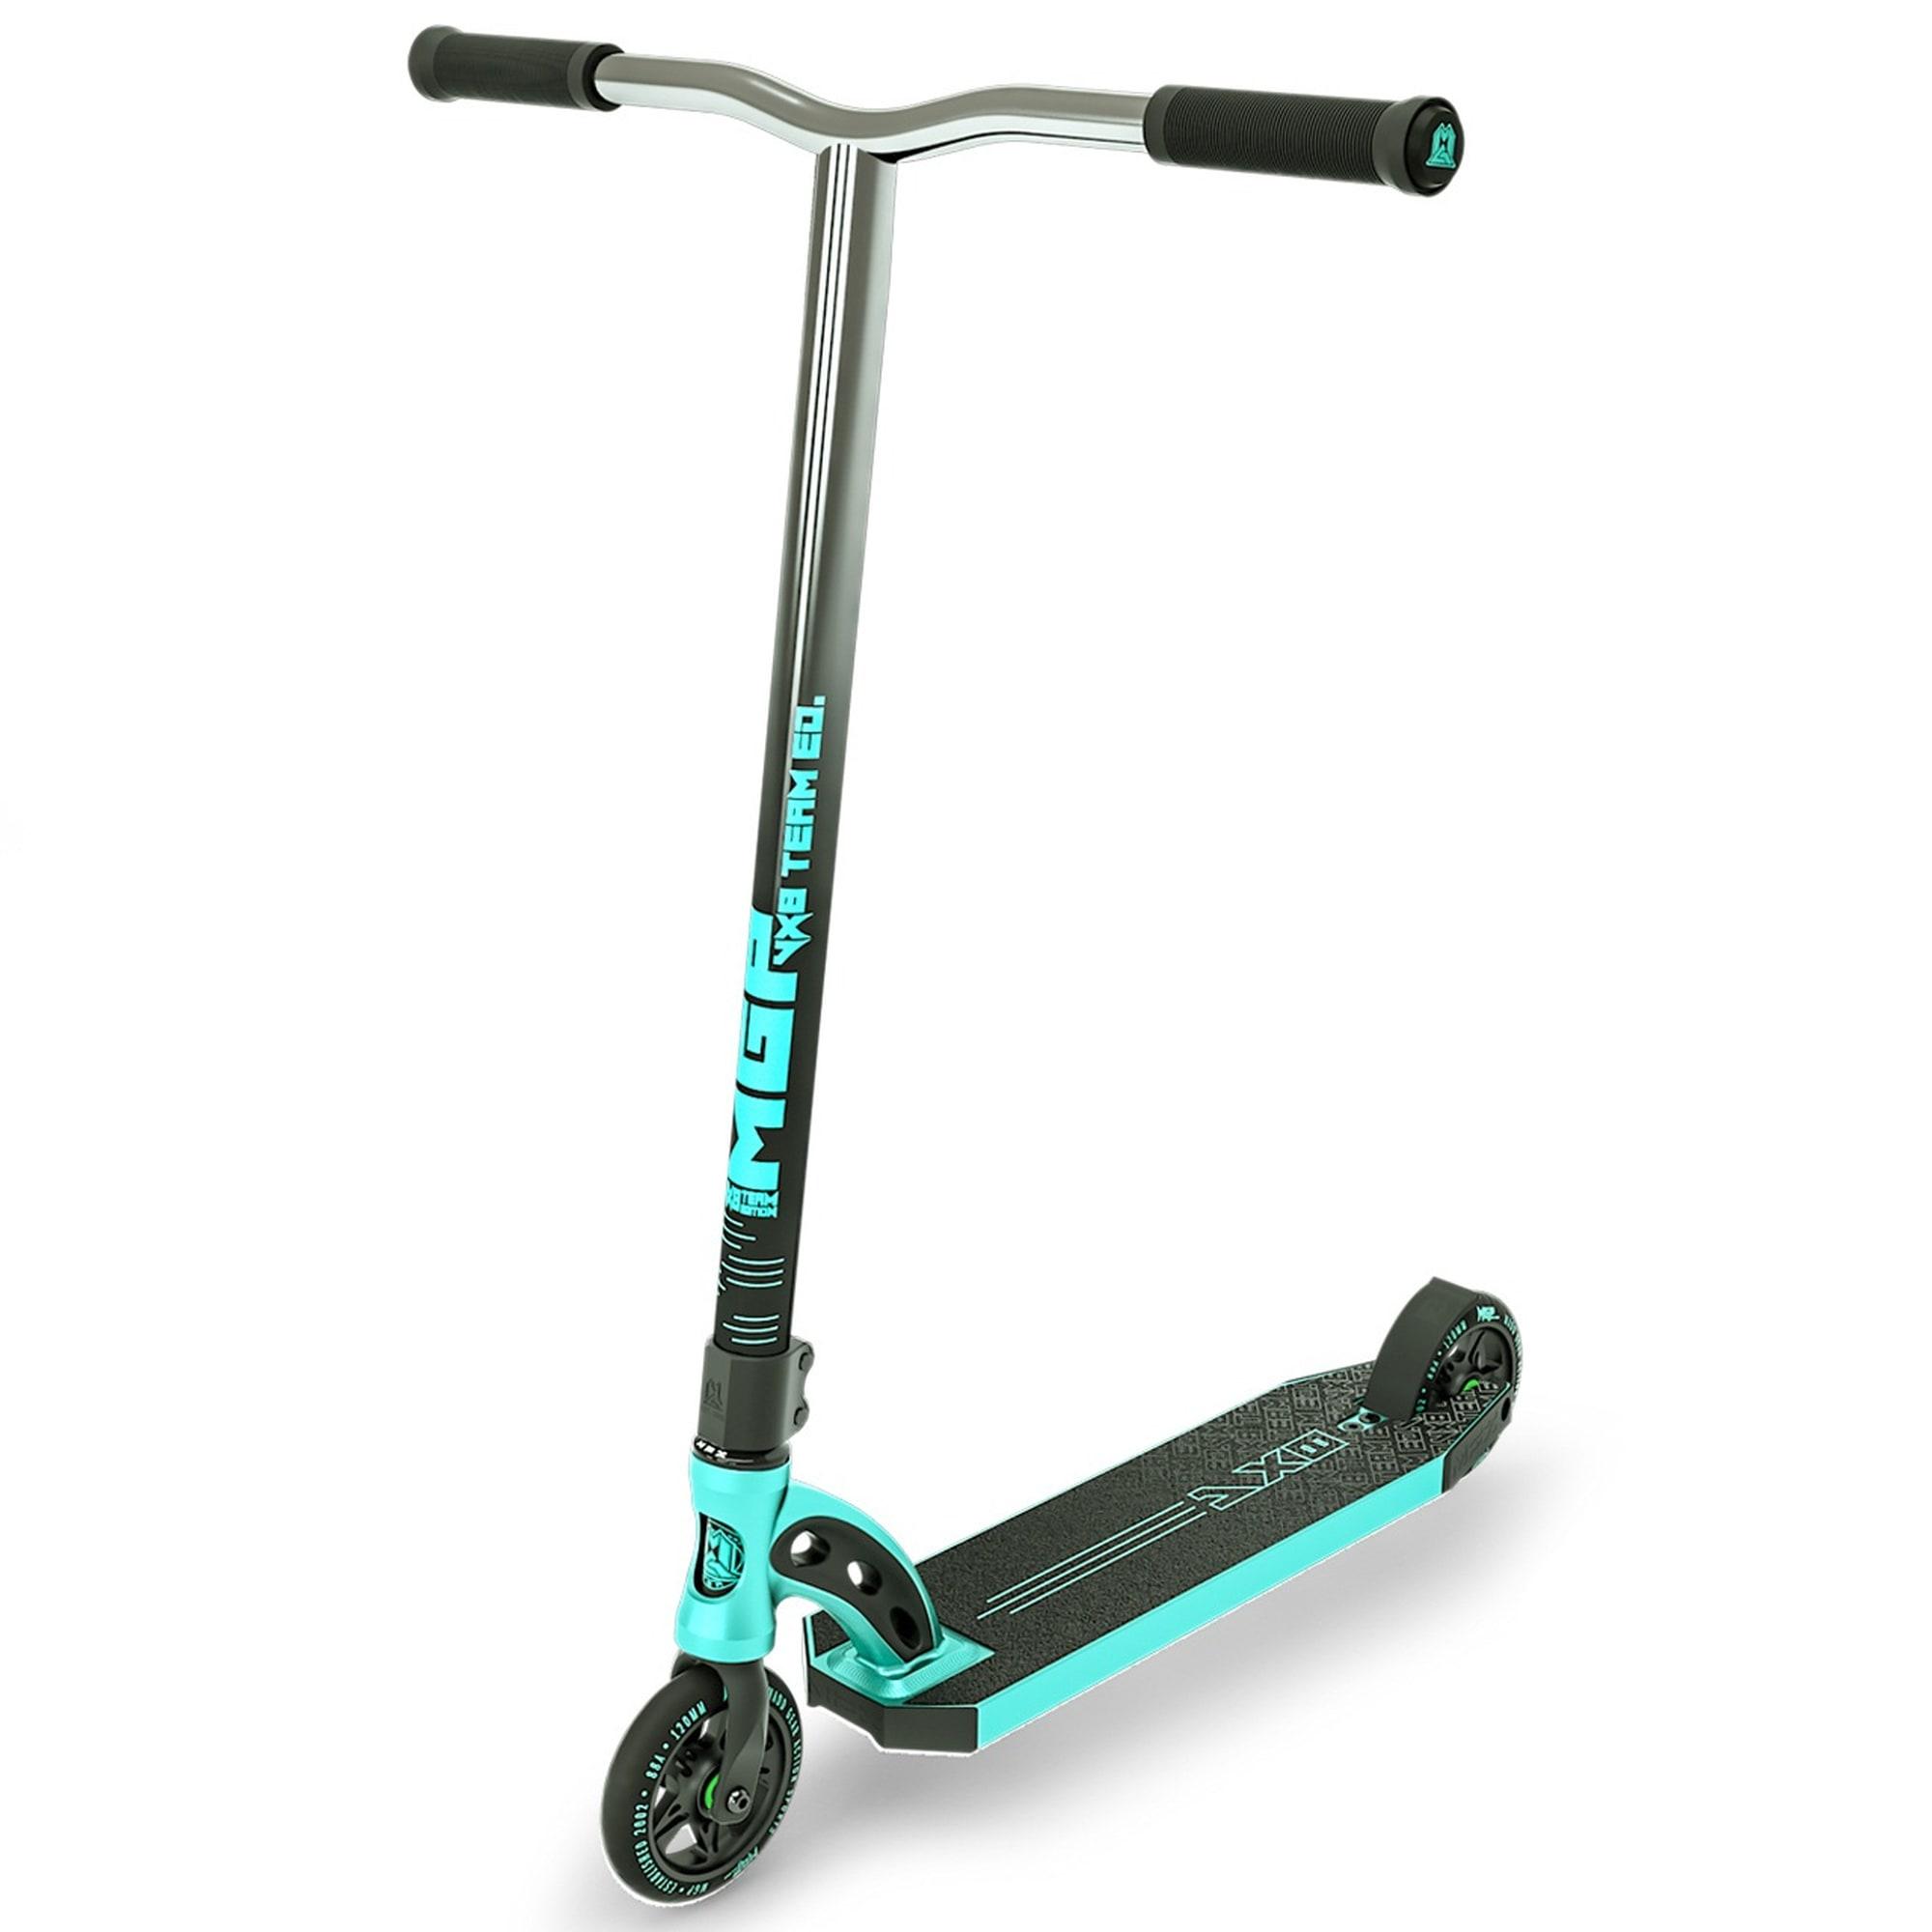 MGP VX8 Team scooter, Belhaven Bikes, Dunbar, East Lothian, Scotland